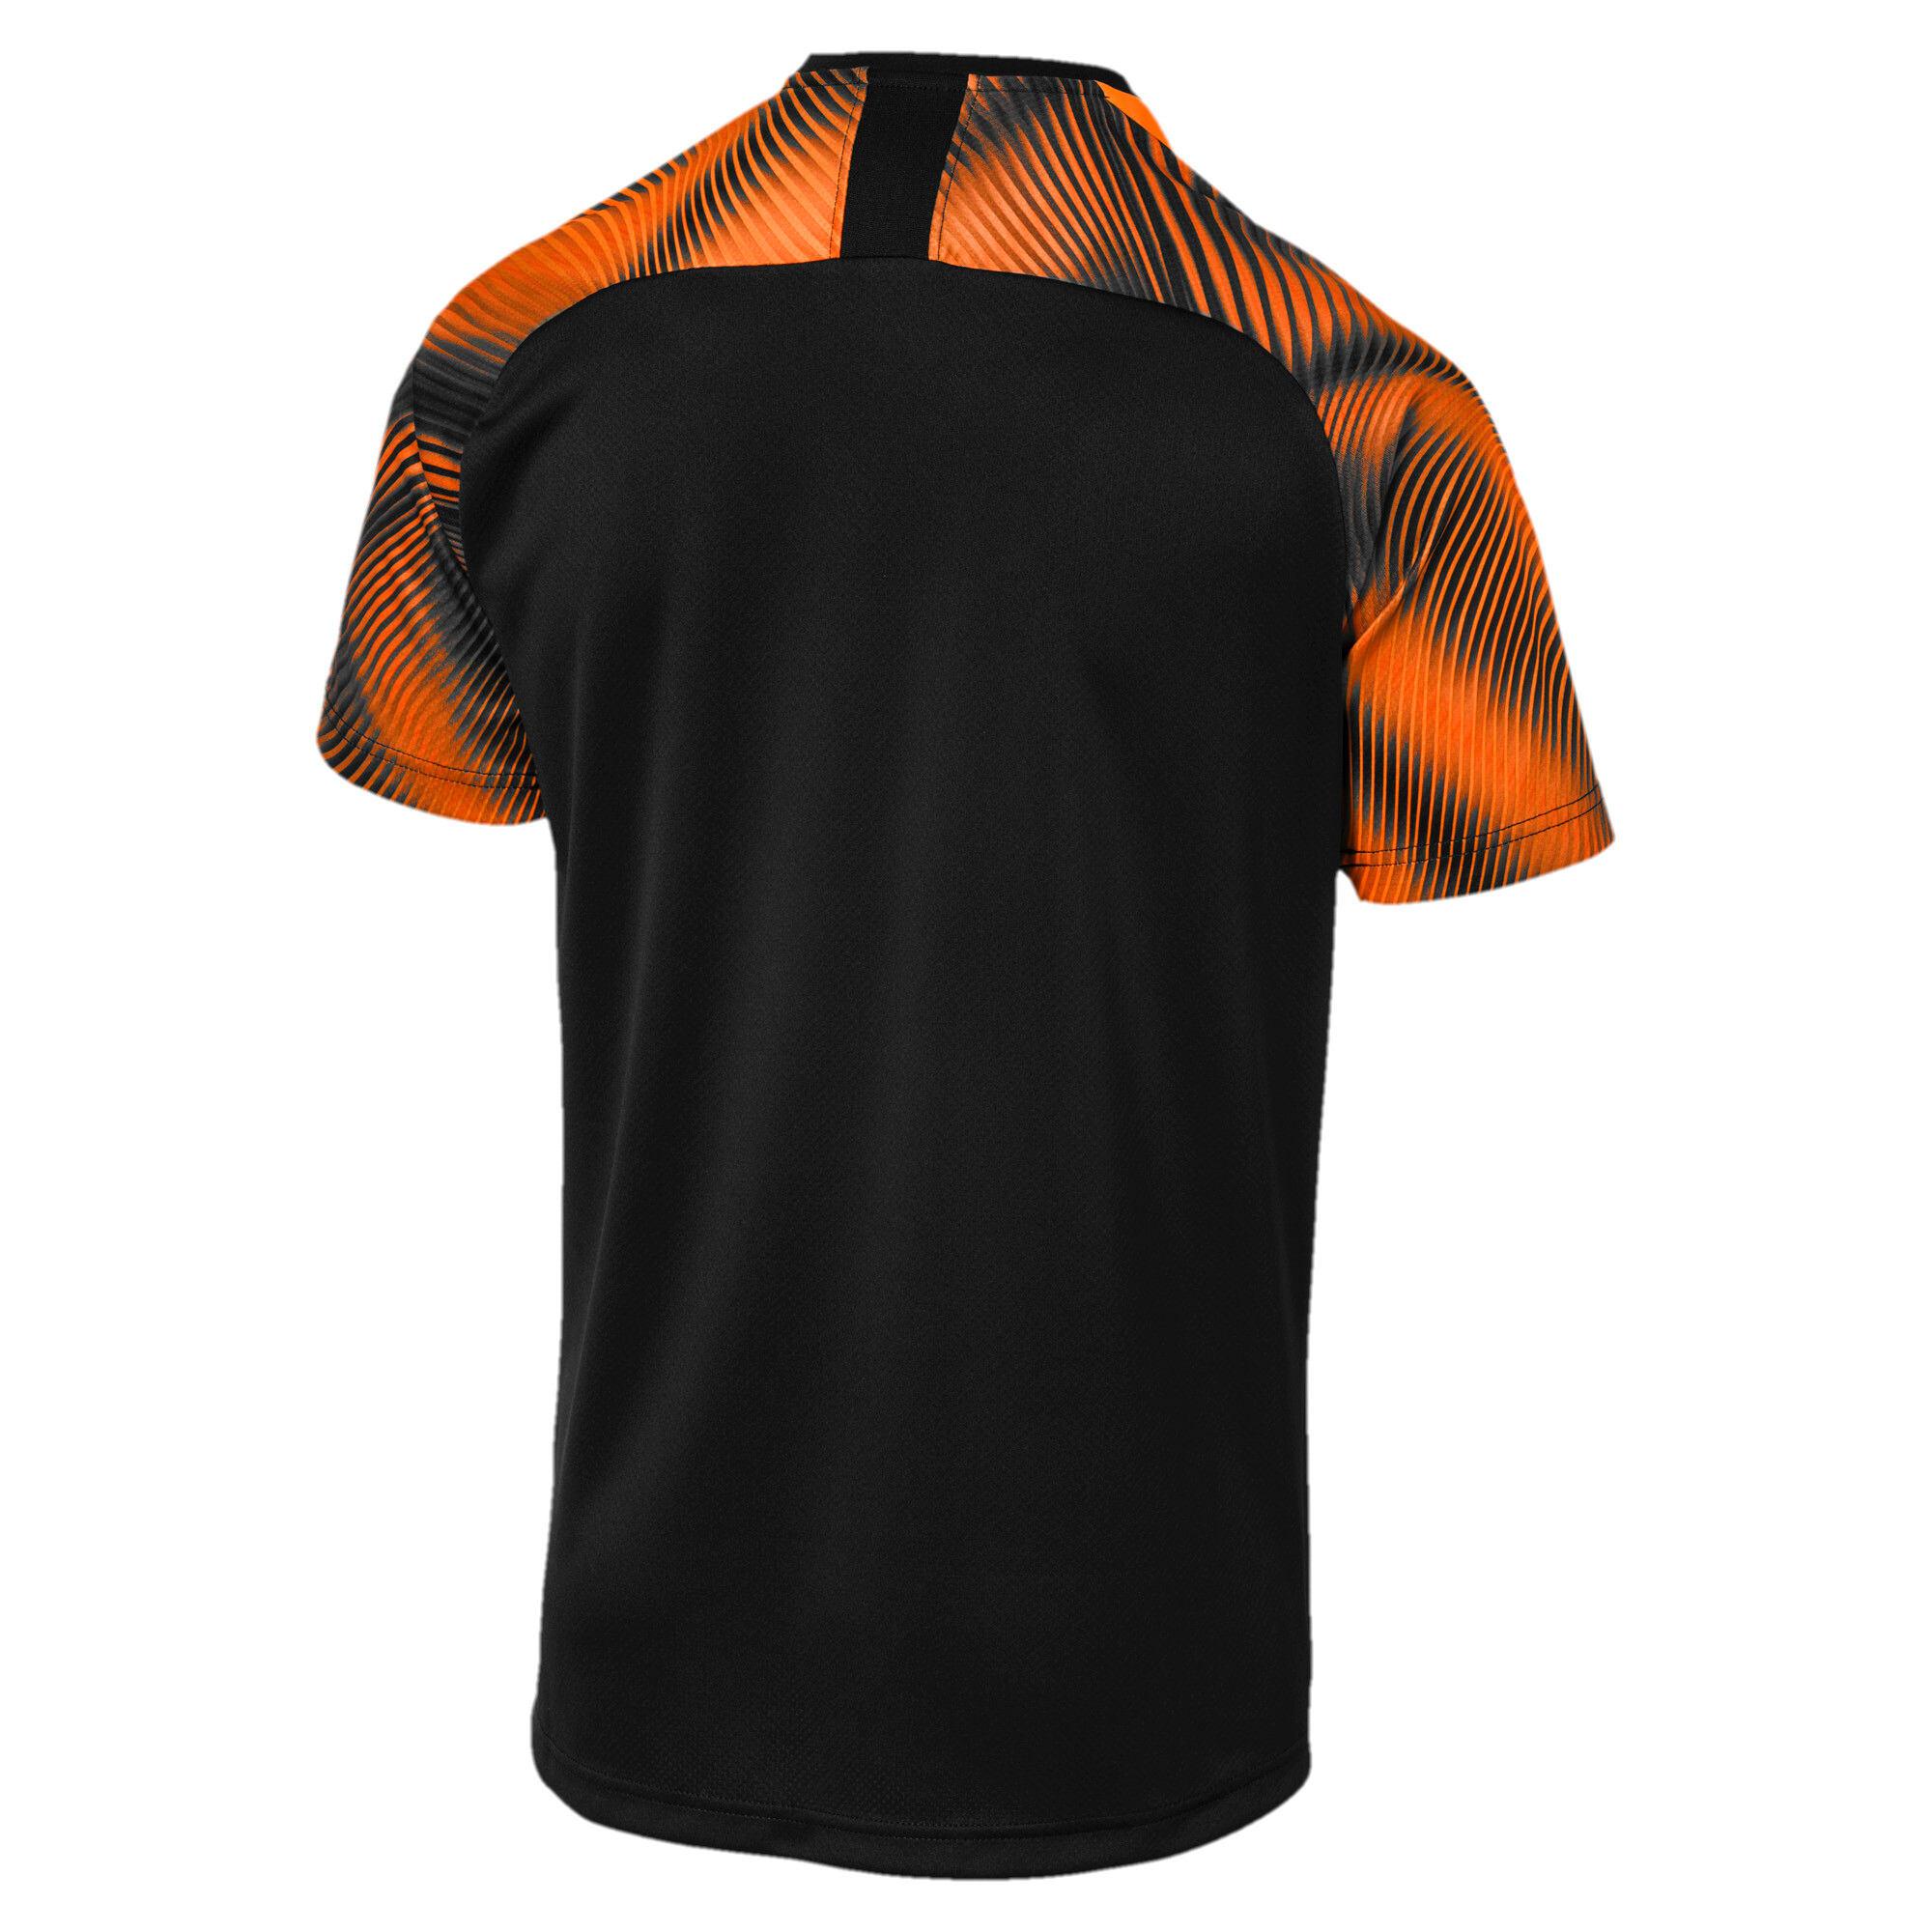 Imagen en miniatura 2 de Camiseta de la segunda equipación de réplica de hombre Valencia CF, Puma Black-Vibrant Orange, mediana